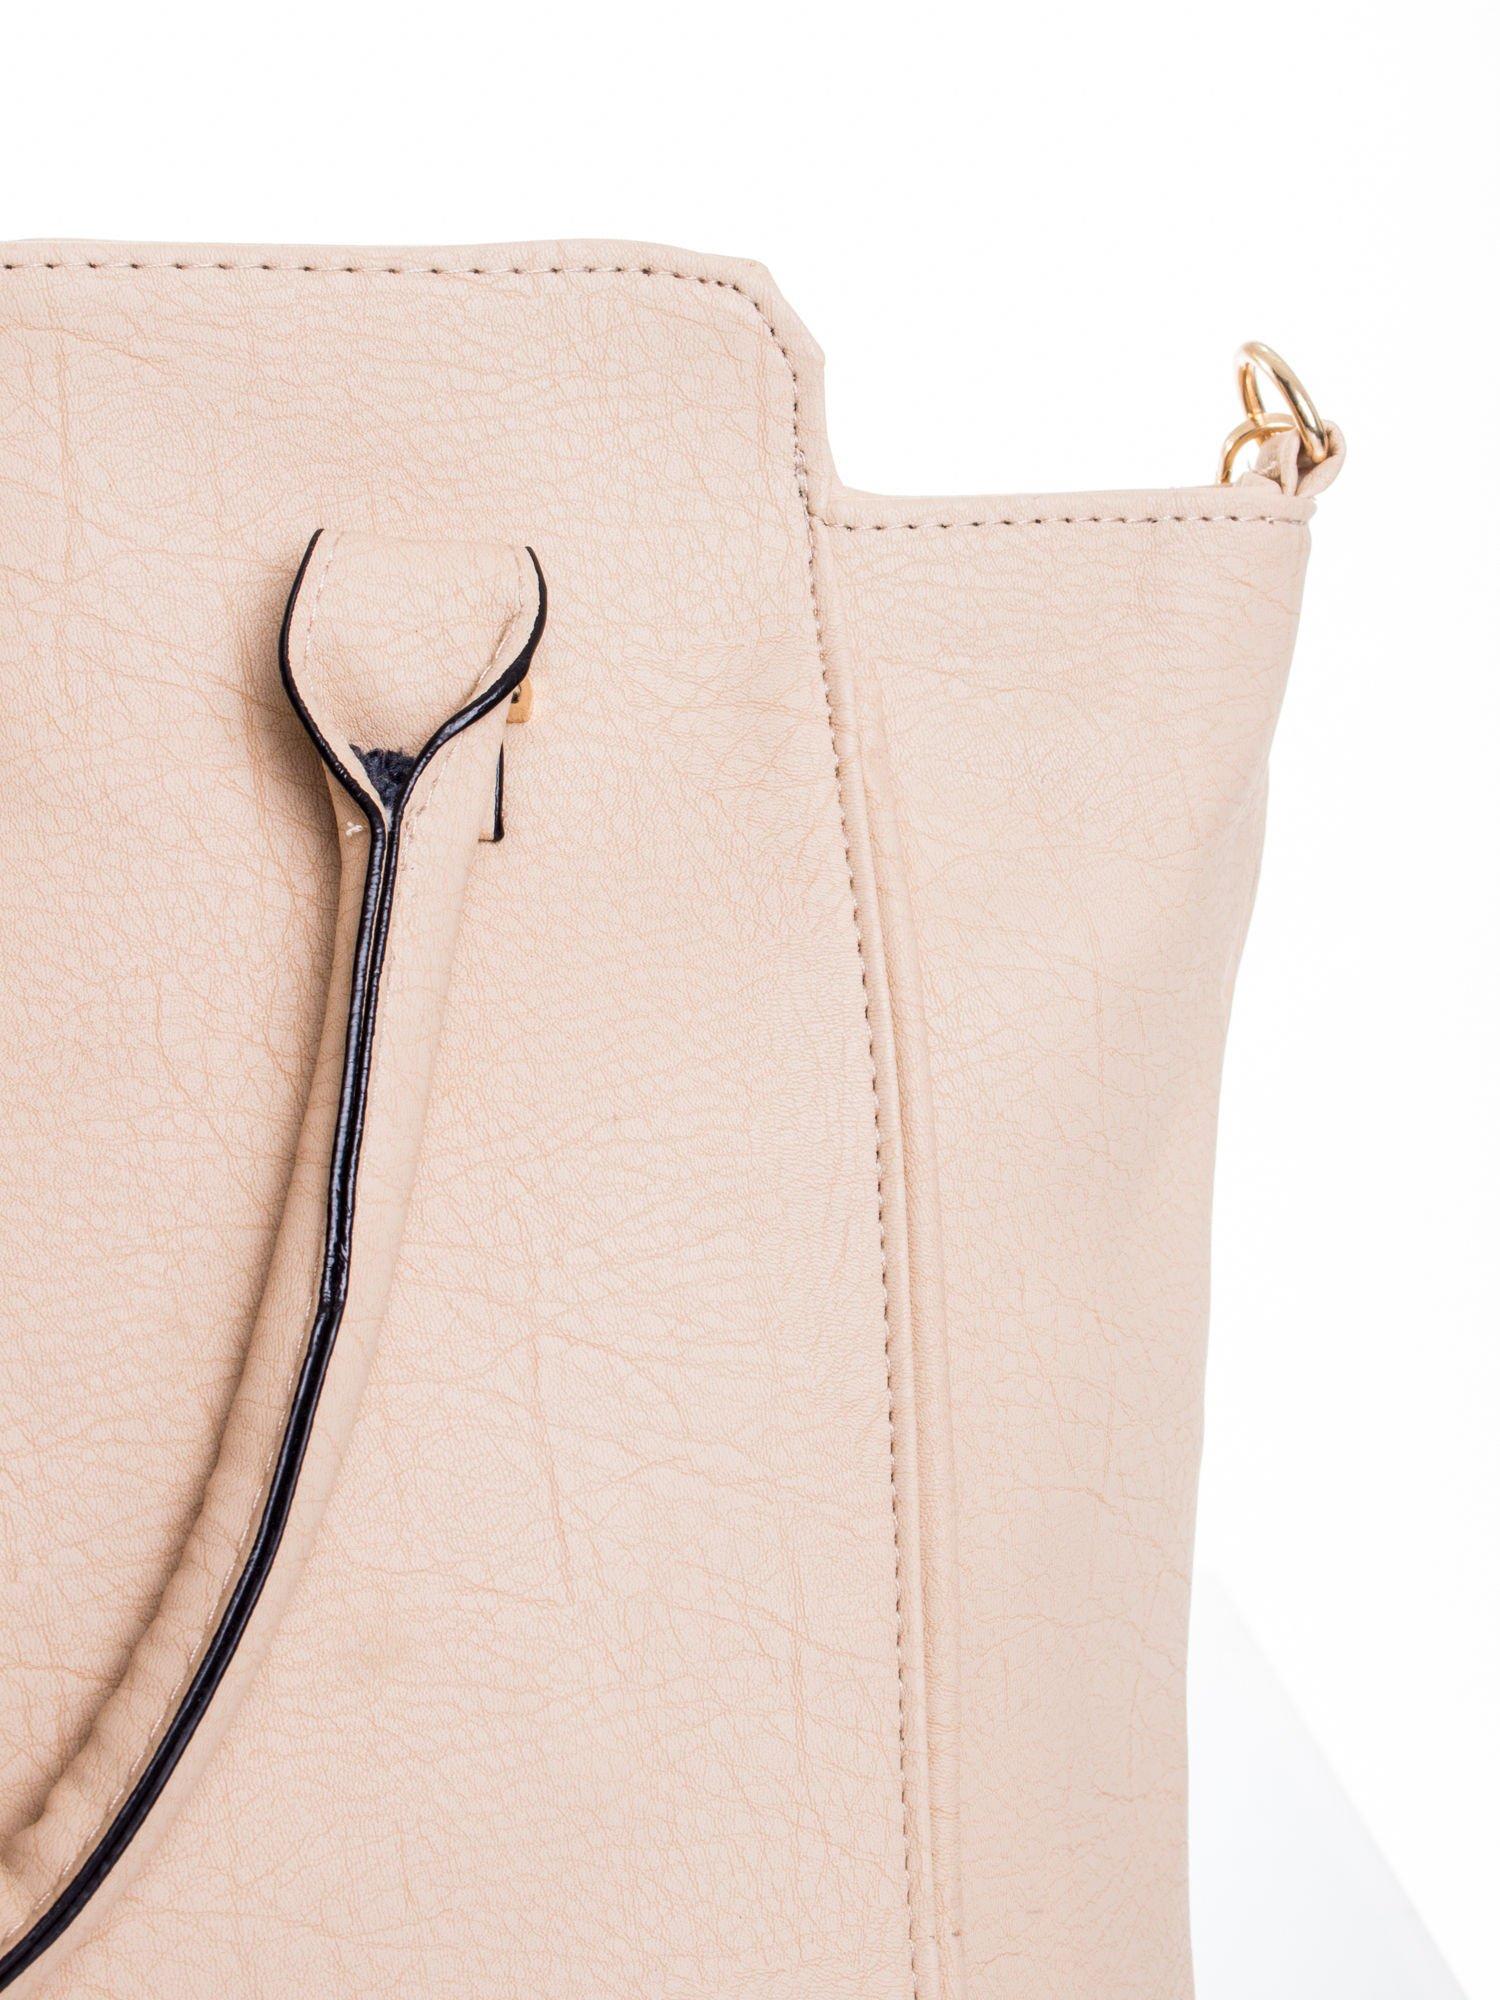 Kremowa torba shopper bag                                  zdj.                                  6